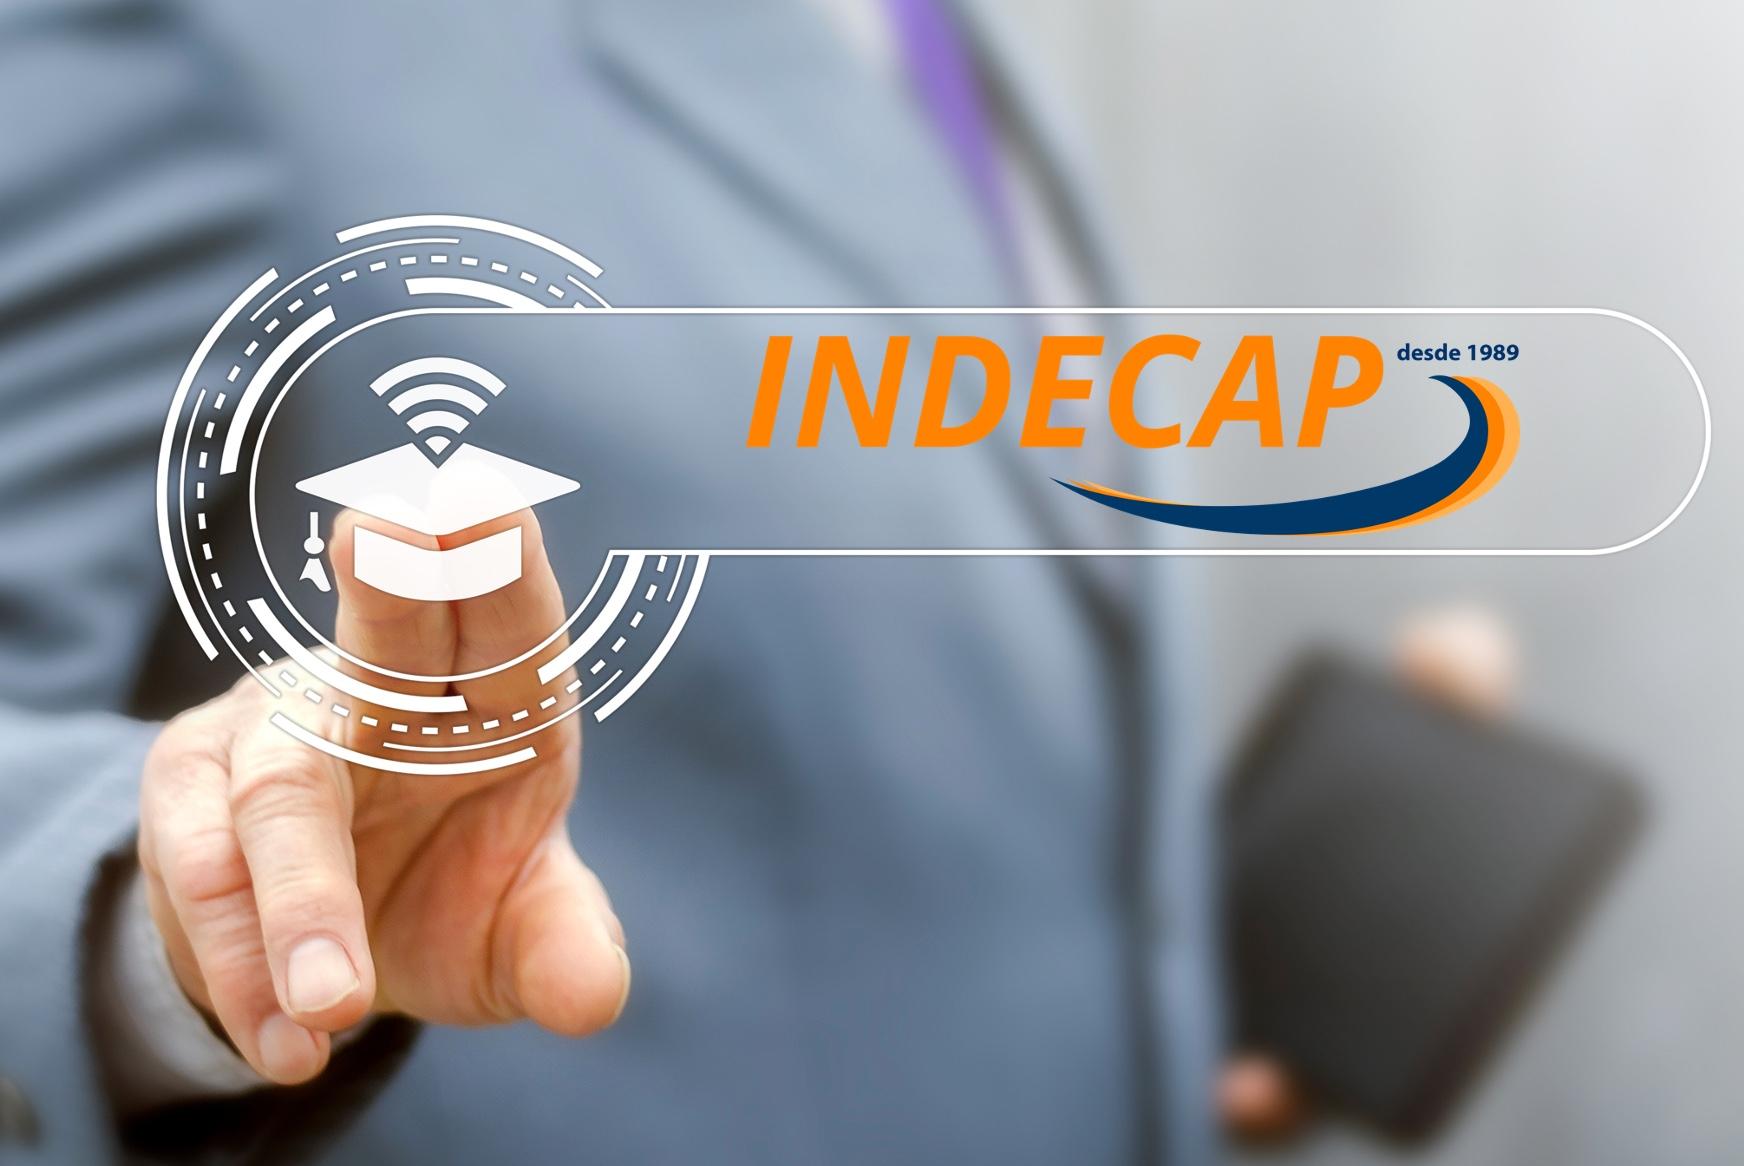 Indecap presenta su nuevo logo y se incorpora a la revolución digital